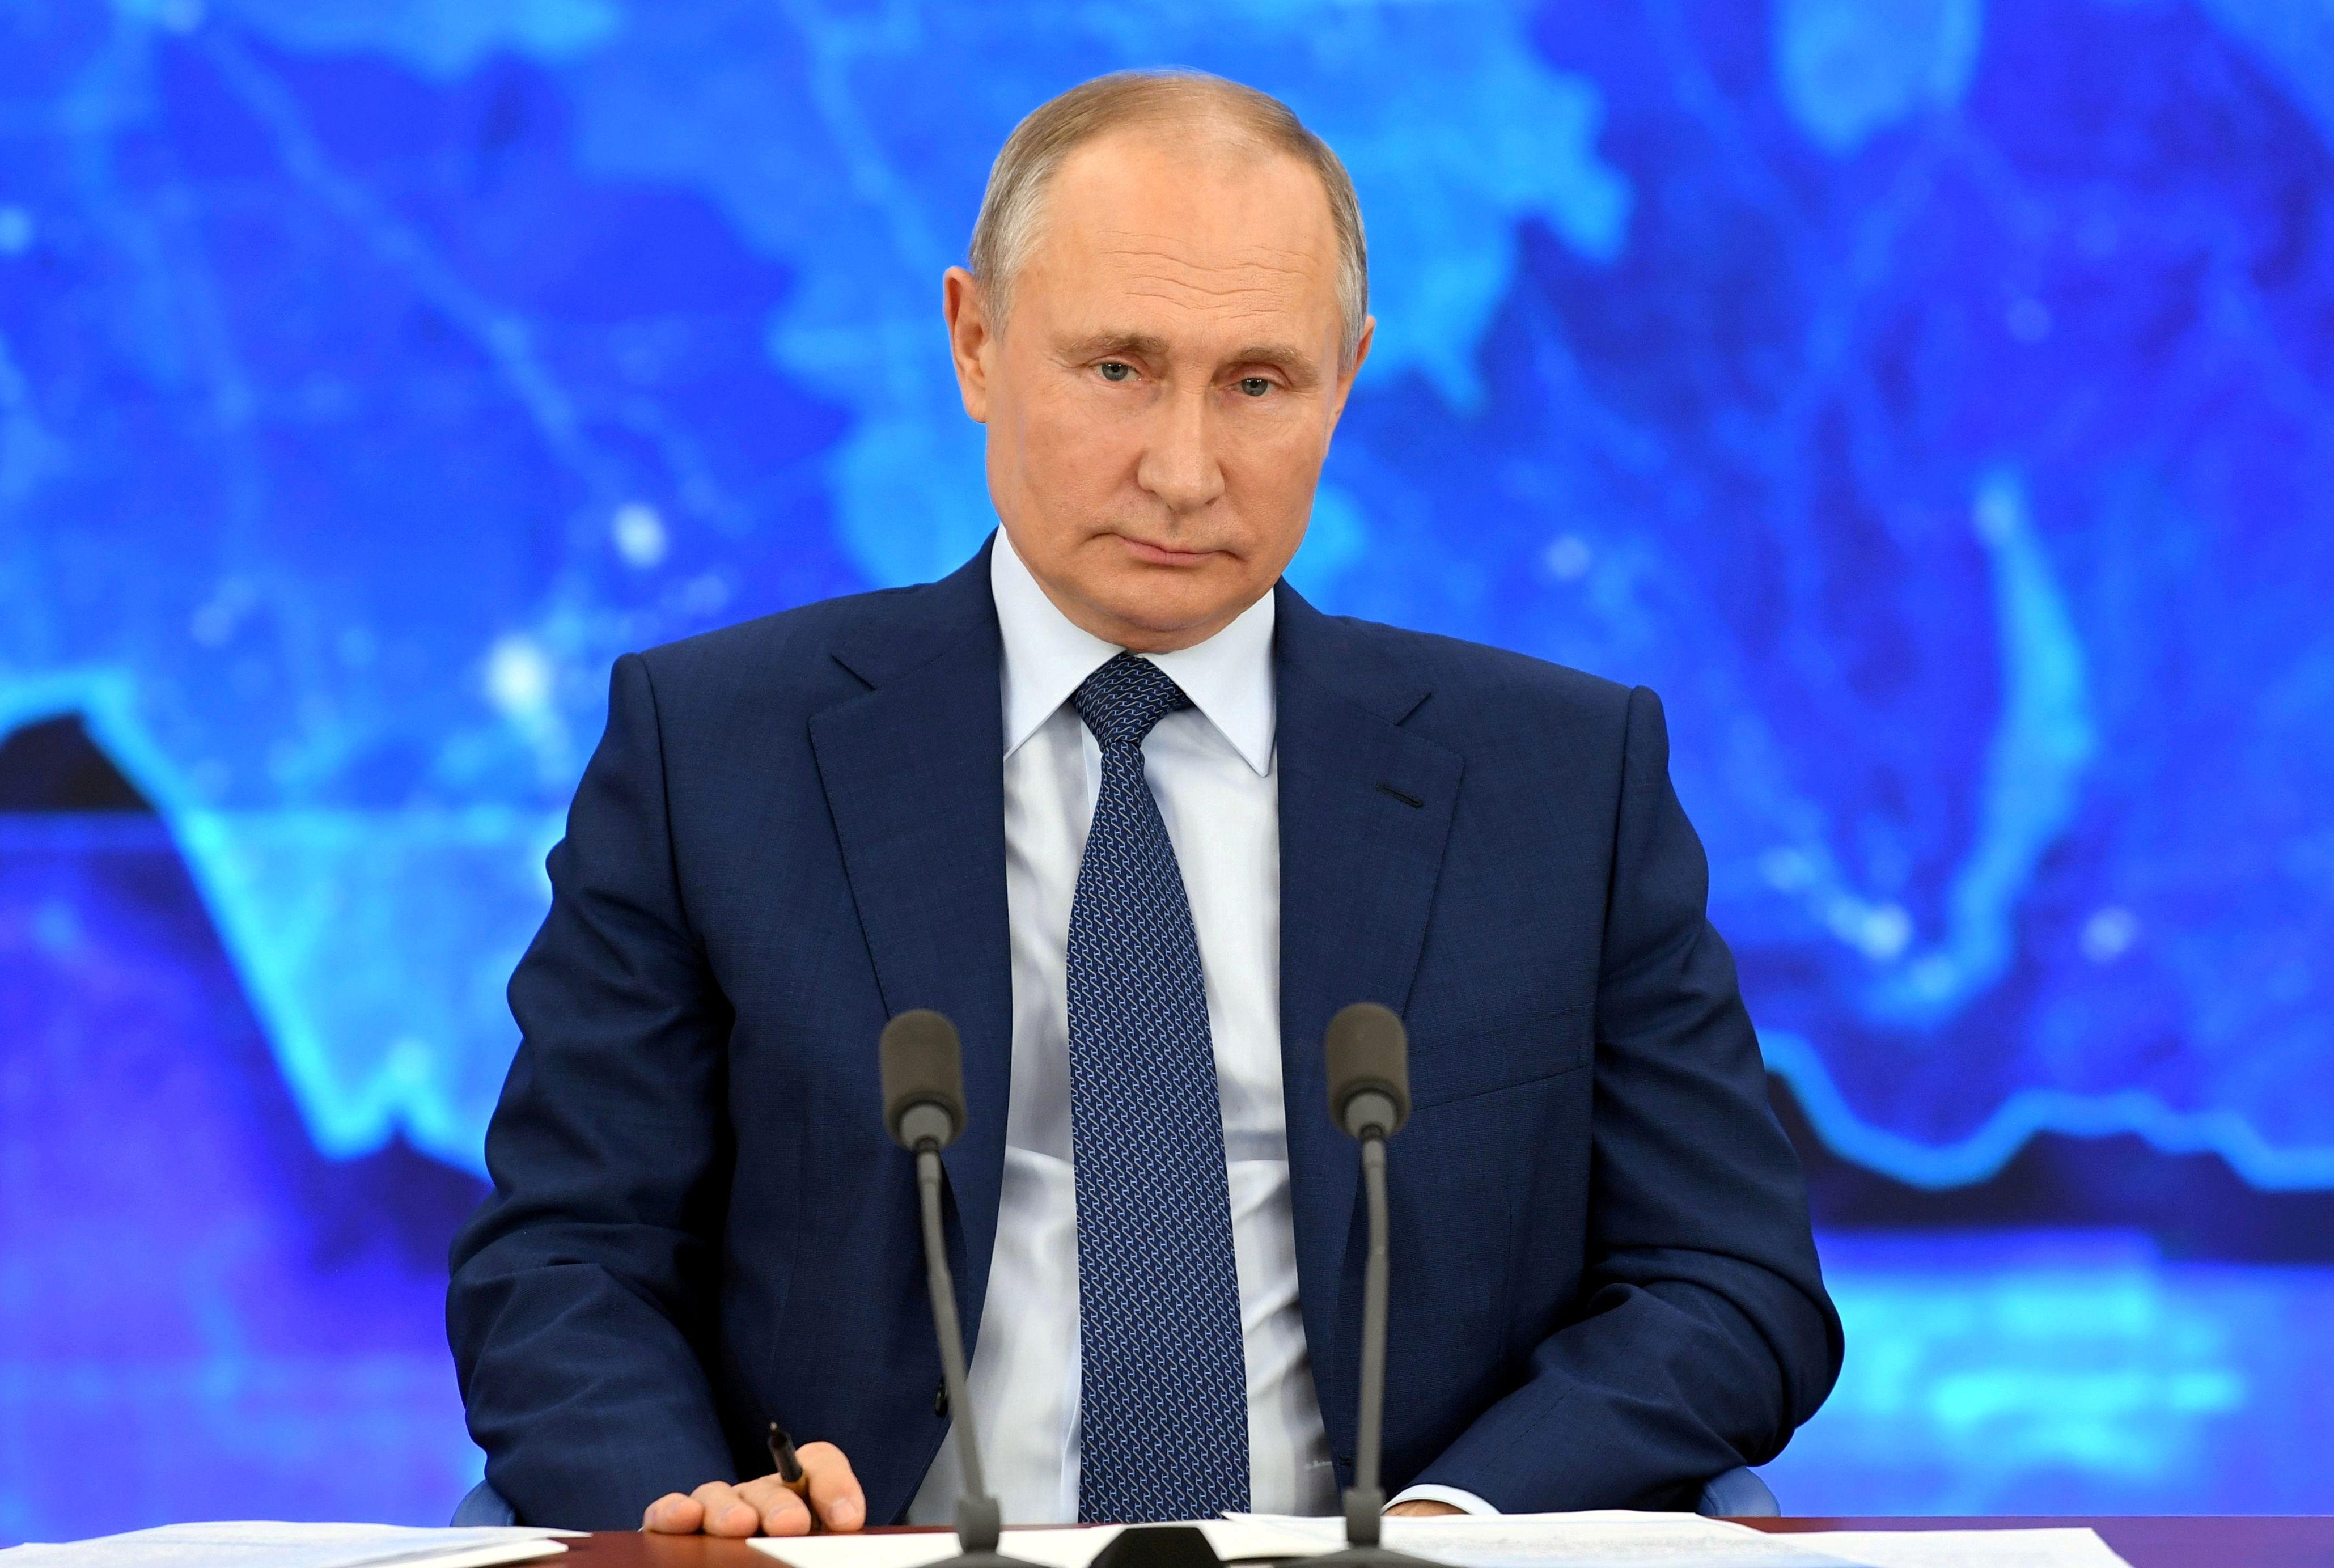 Vladimir Putin (Sputnik/Alexei Nikolsky/Kremlin via REUTERS)